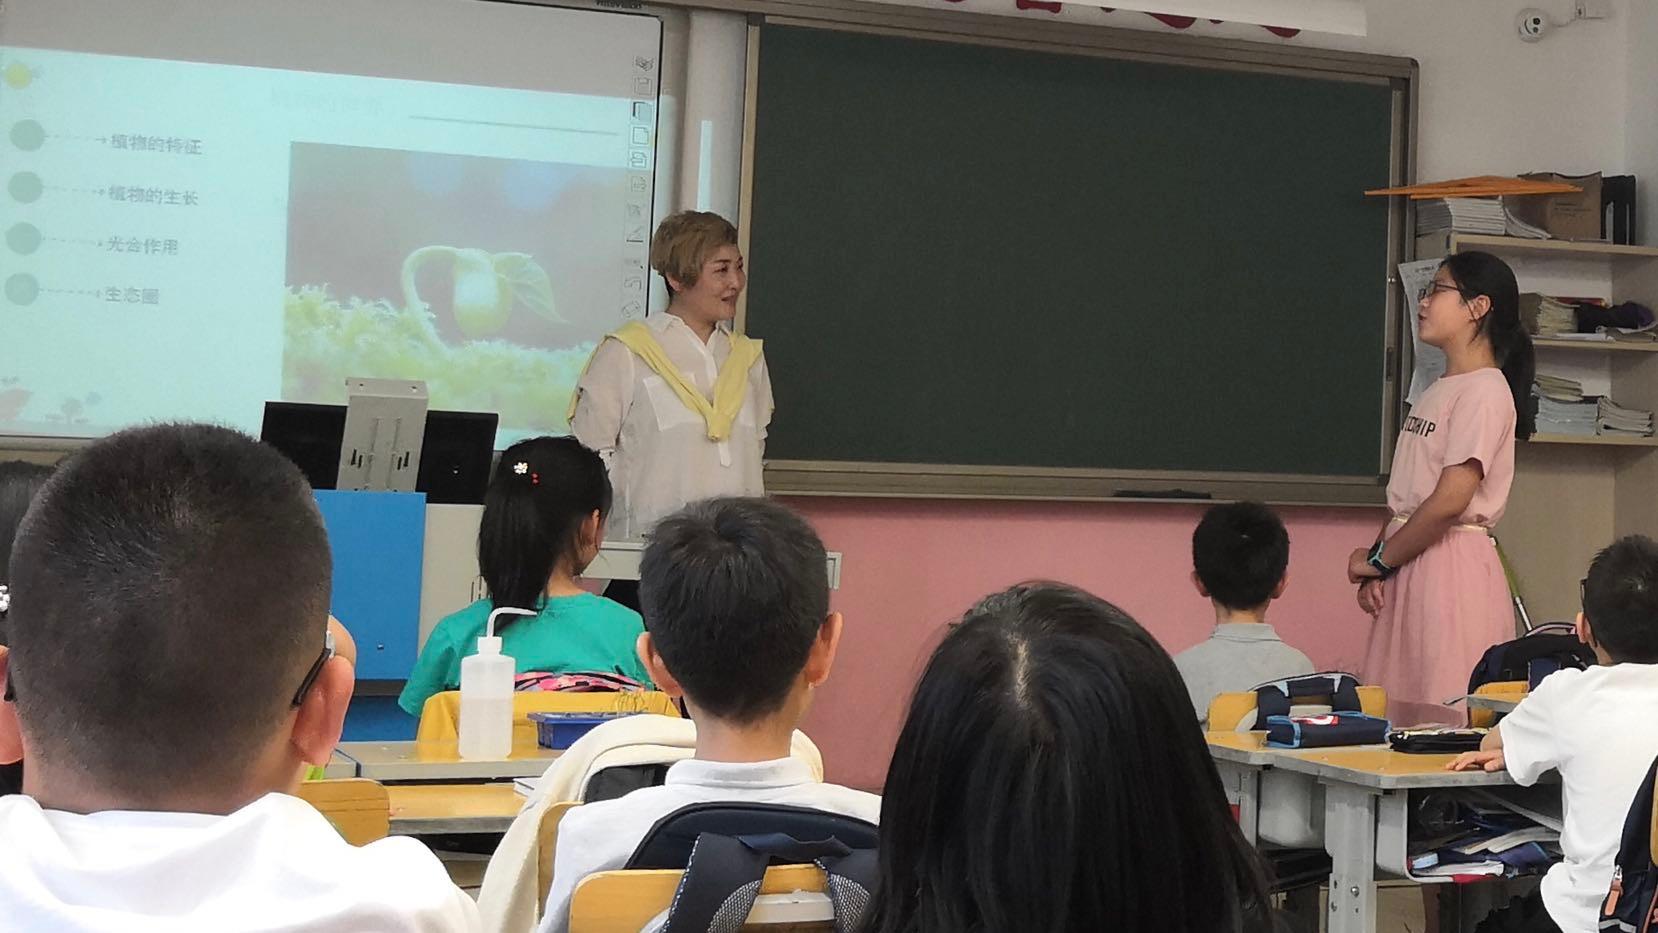 《园艺空间站》自然教育公益课堂